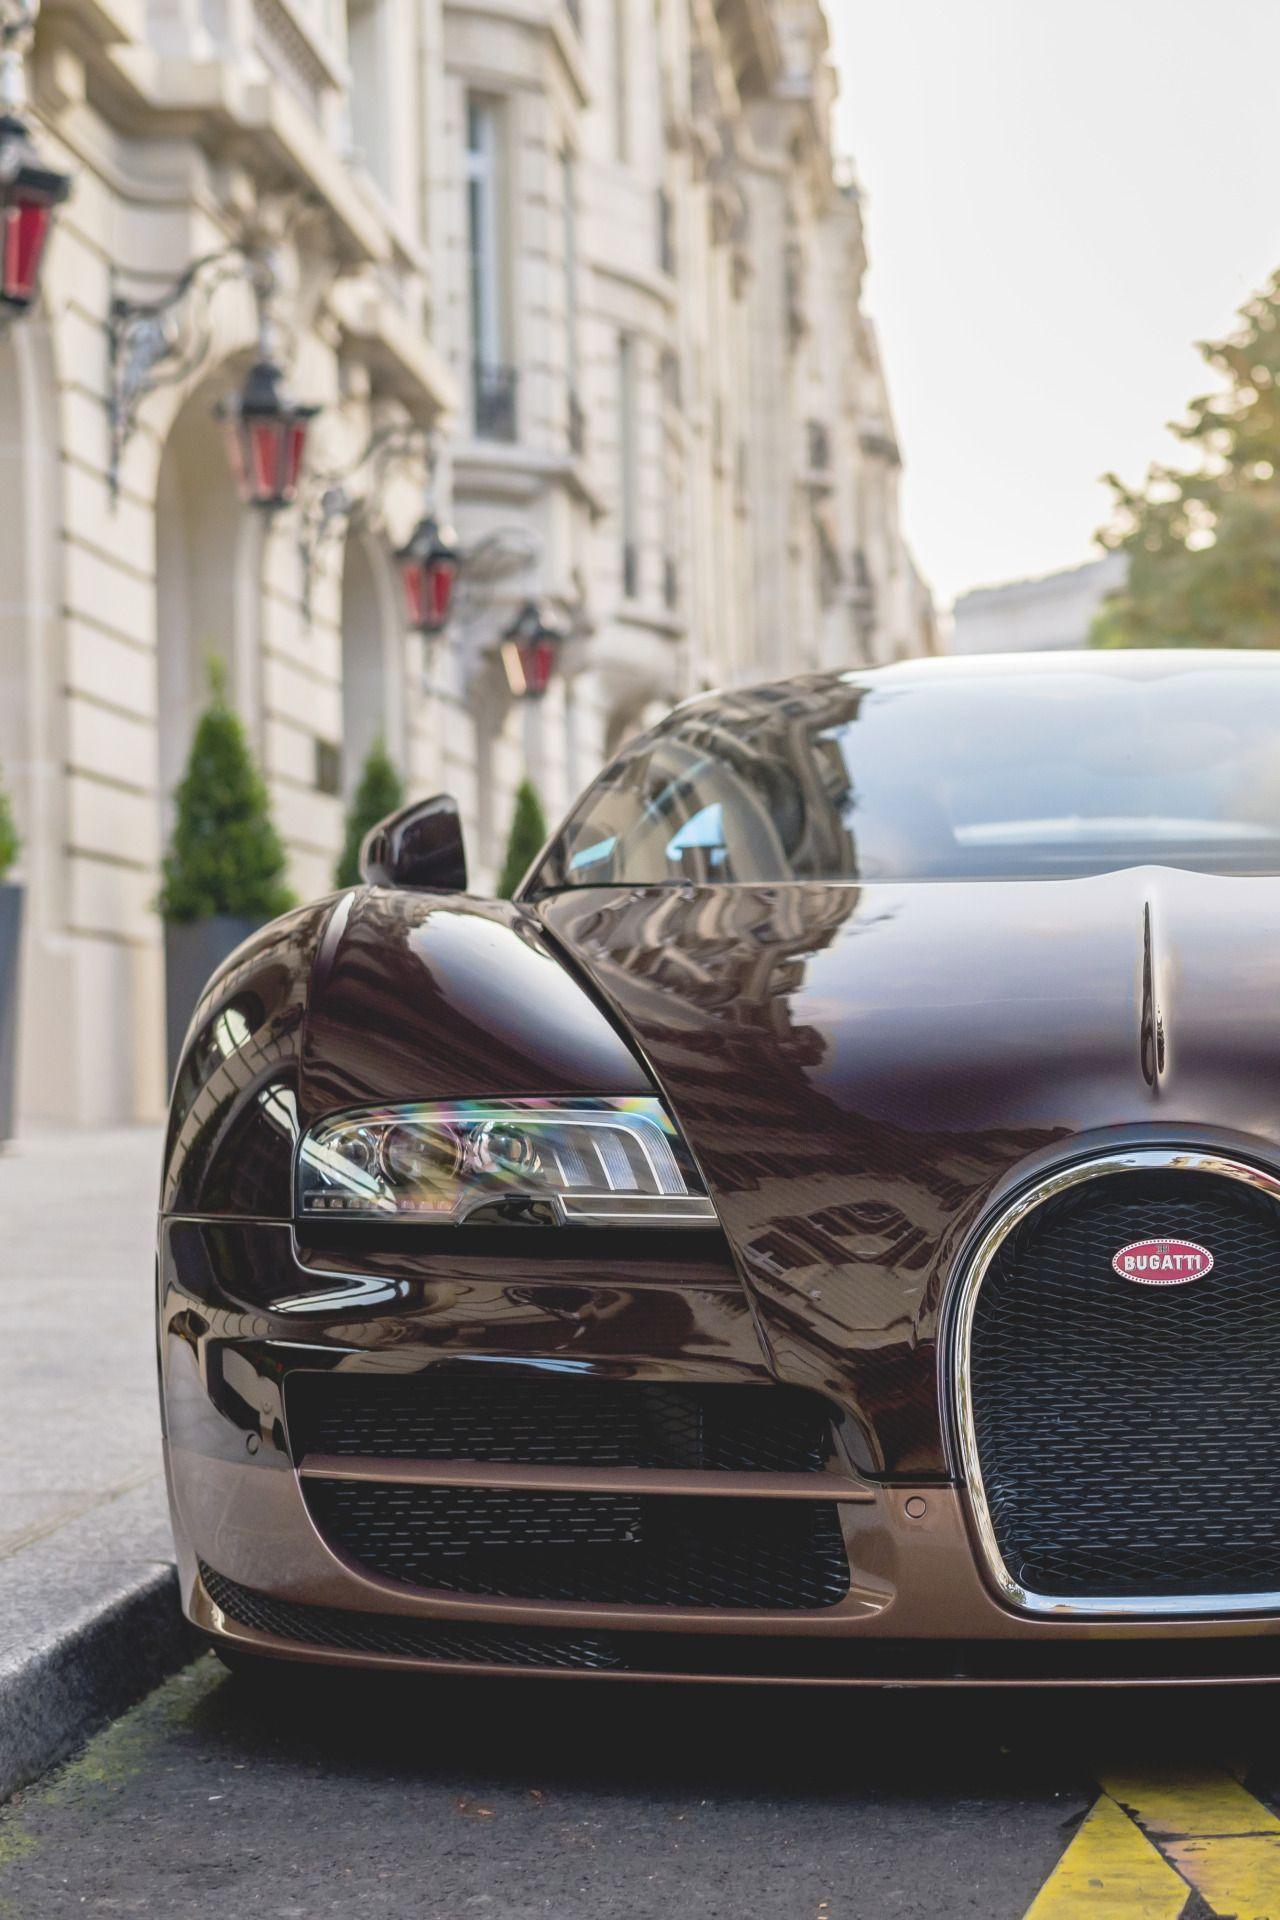 f61ecd2f205435a833415c07c3986042 Cozy Bugatti Veyron Rembrandt Edition Price Cars Trend